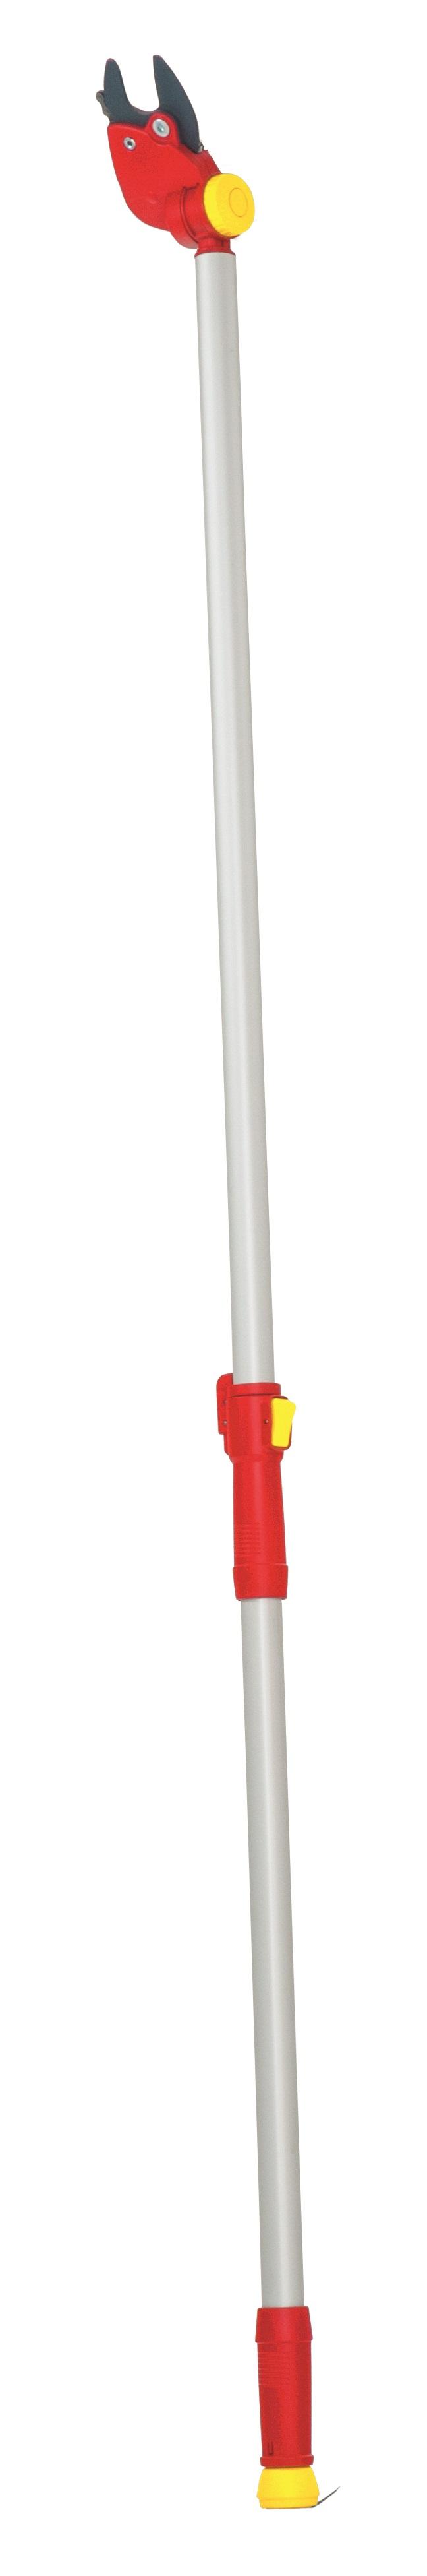 Universalklippare RR 200 - maxlängd 3.5 m 2 olika klipptekniker